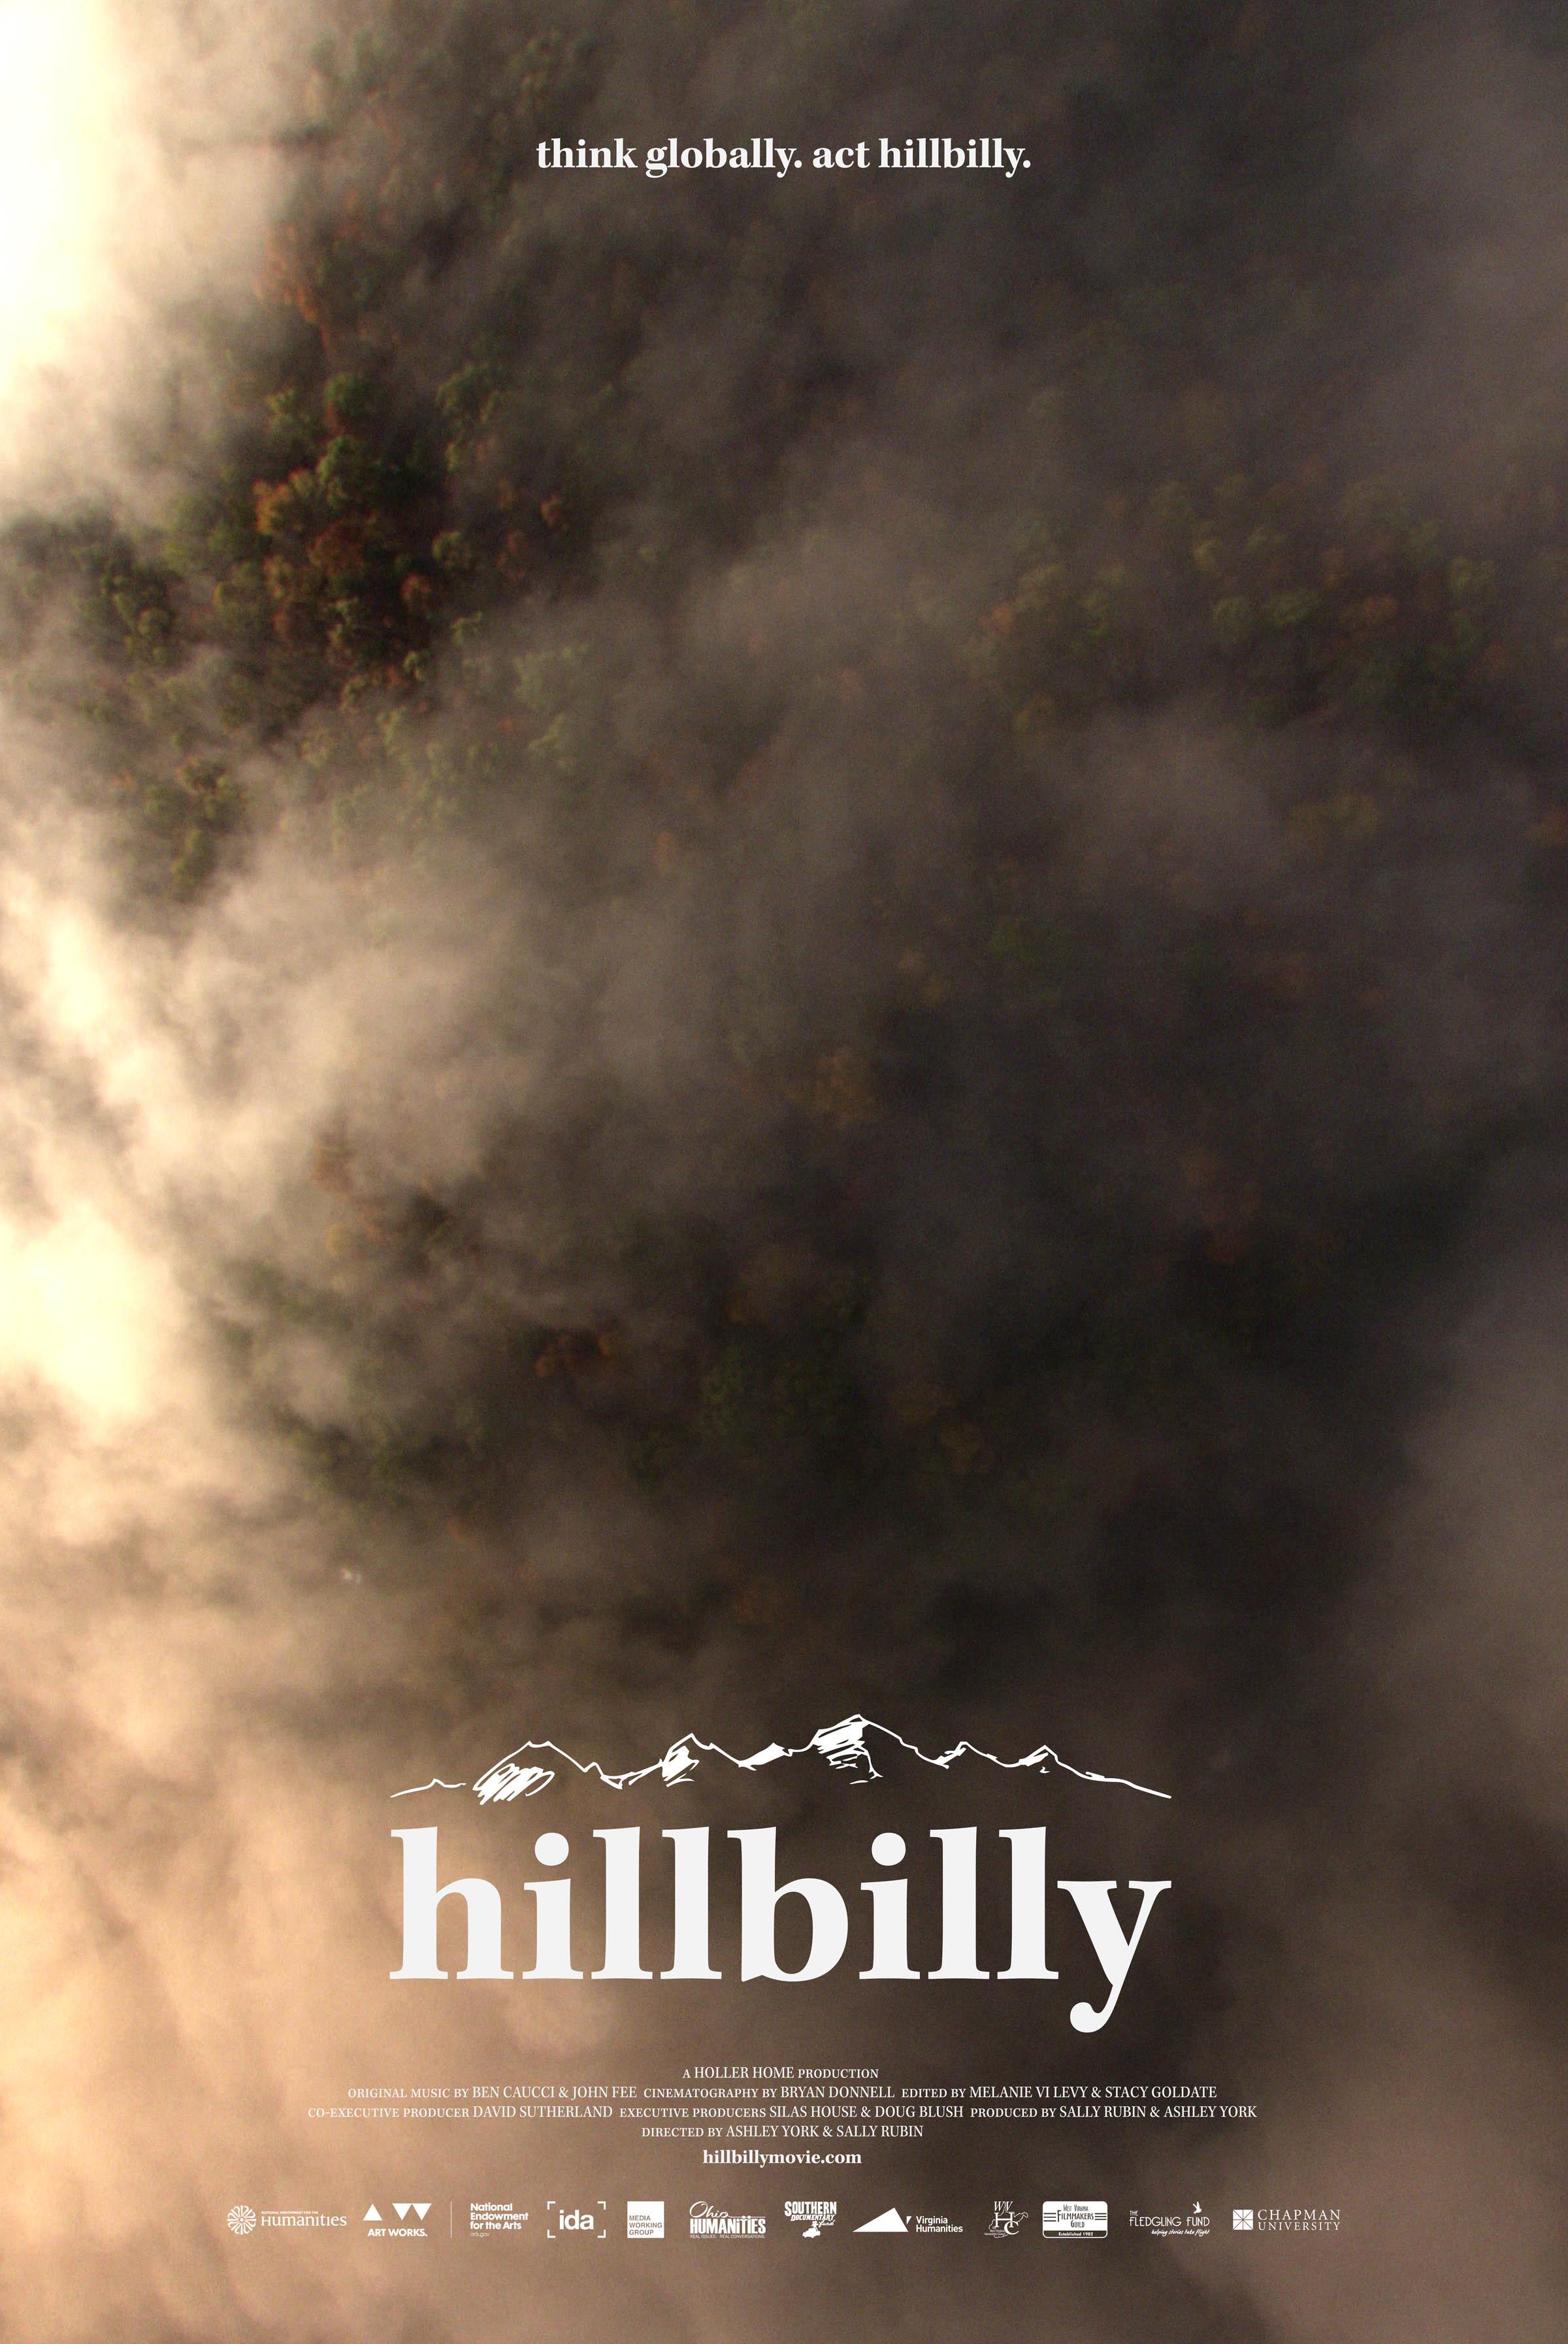 hillbilly poster.jpg